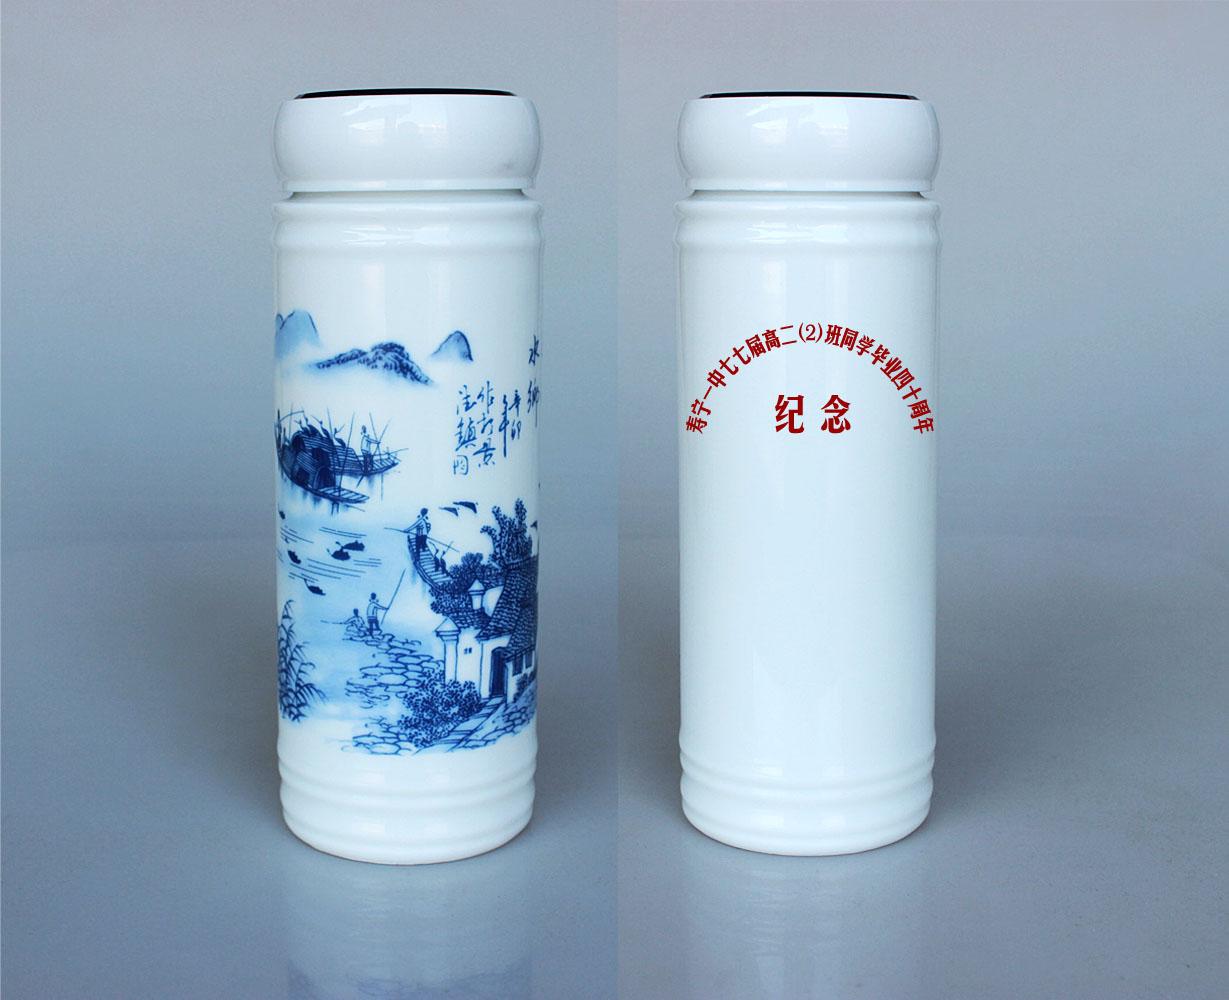 校庆礼品陶瓷保温杯定制 二十周年校庆纪念品保温茶杯